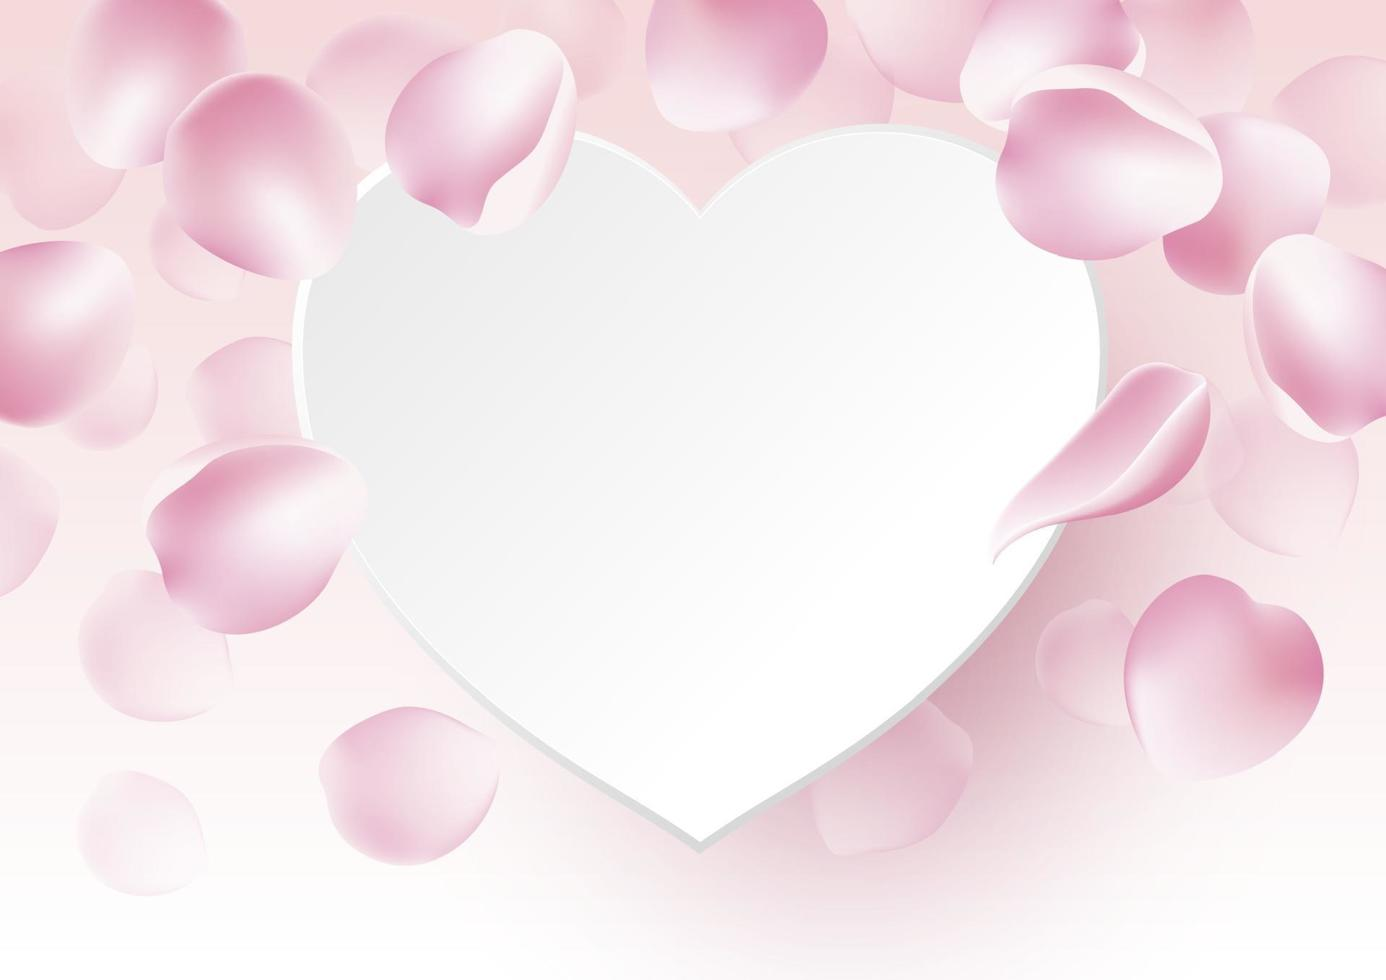 Pétalos de rosa cayendo con corazón de papel en blanco sobre fondo rosa ilustración vectorial vector